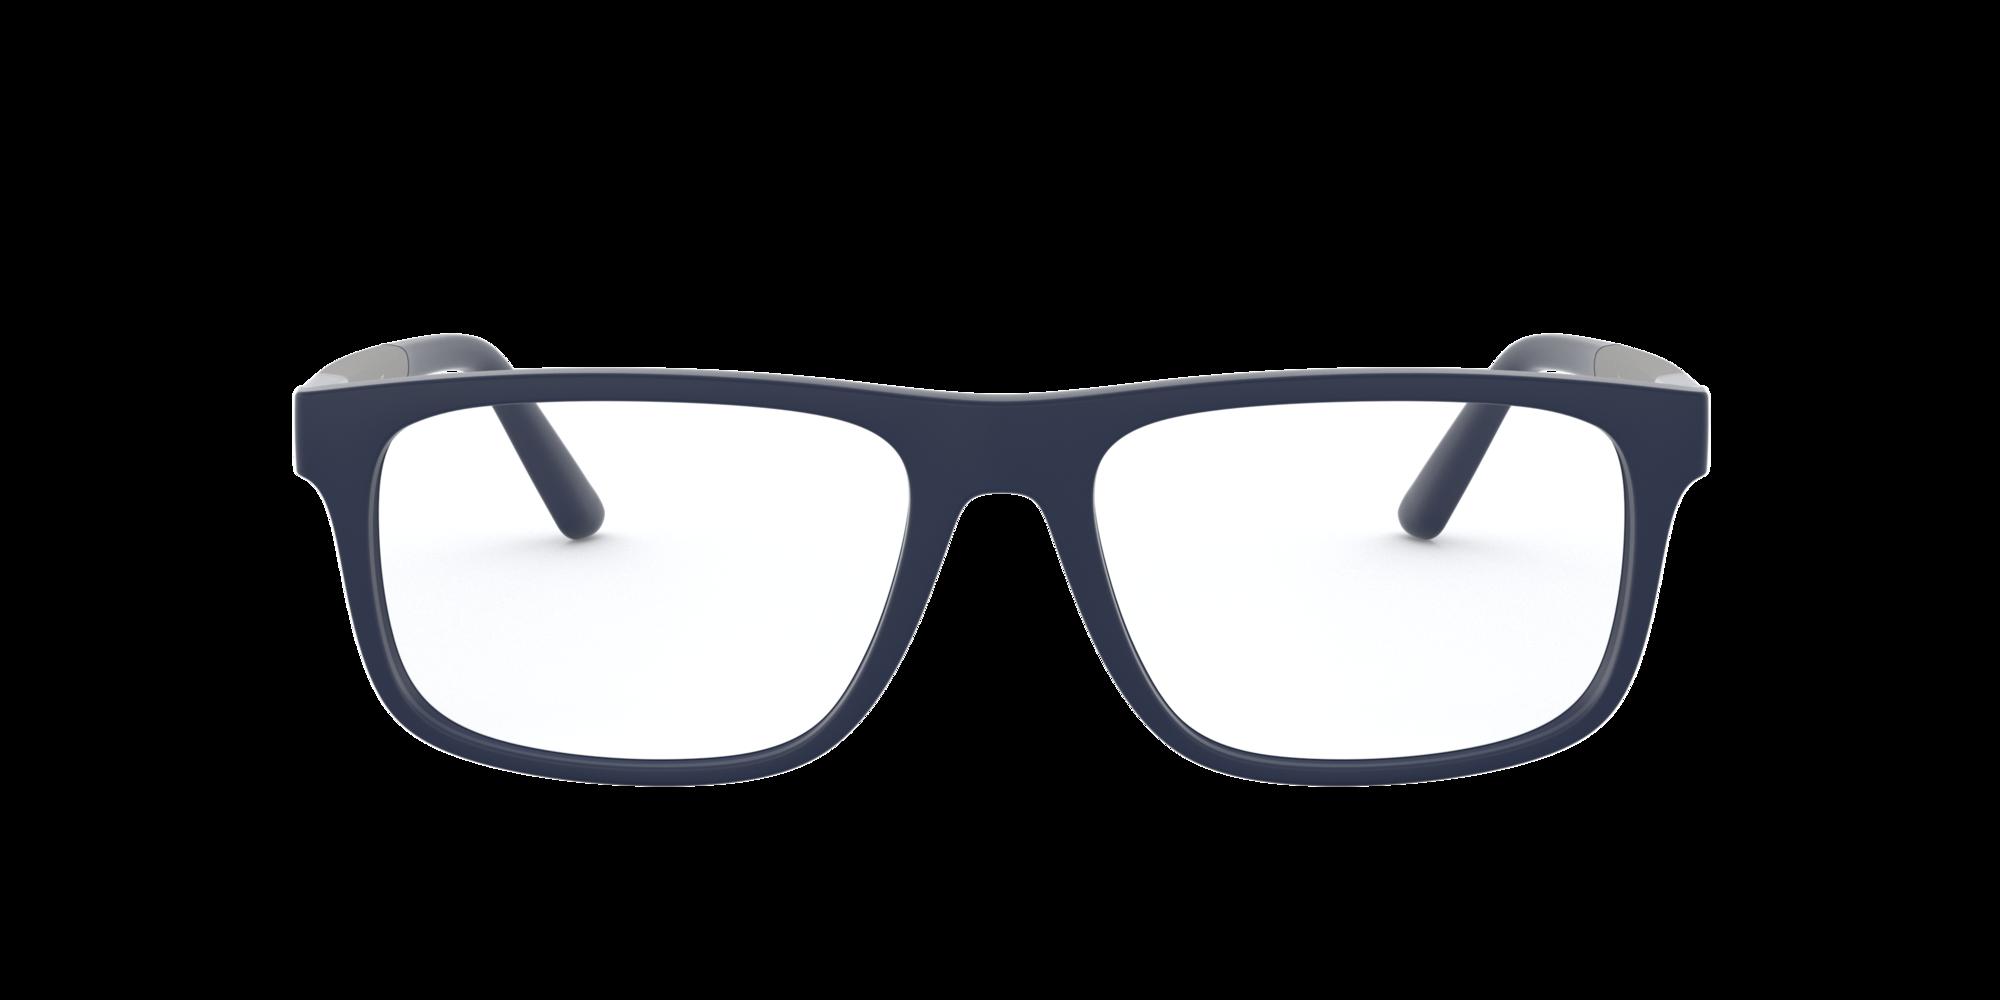 Imagen para PH2218 de LensCrafters |  Espejuelos, espejuelos graduados en línea, gafas